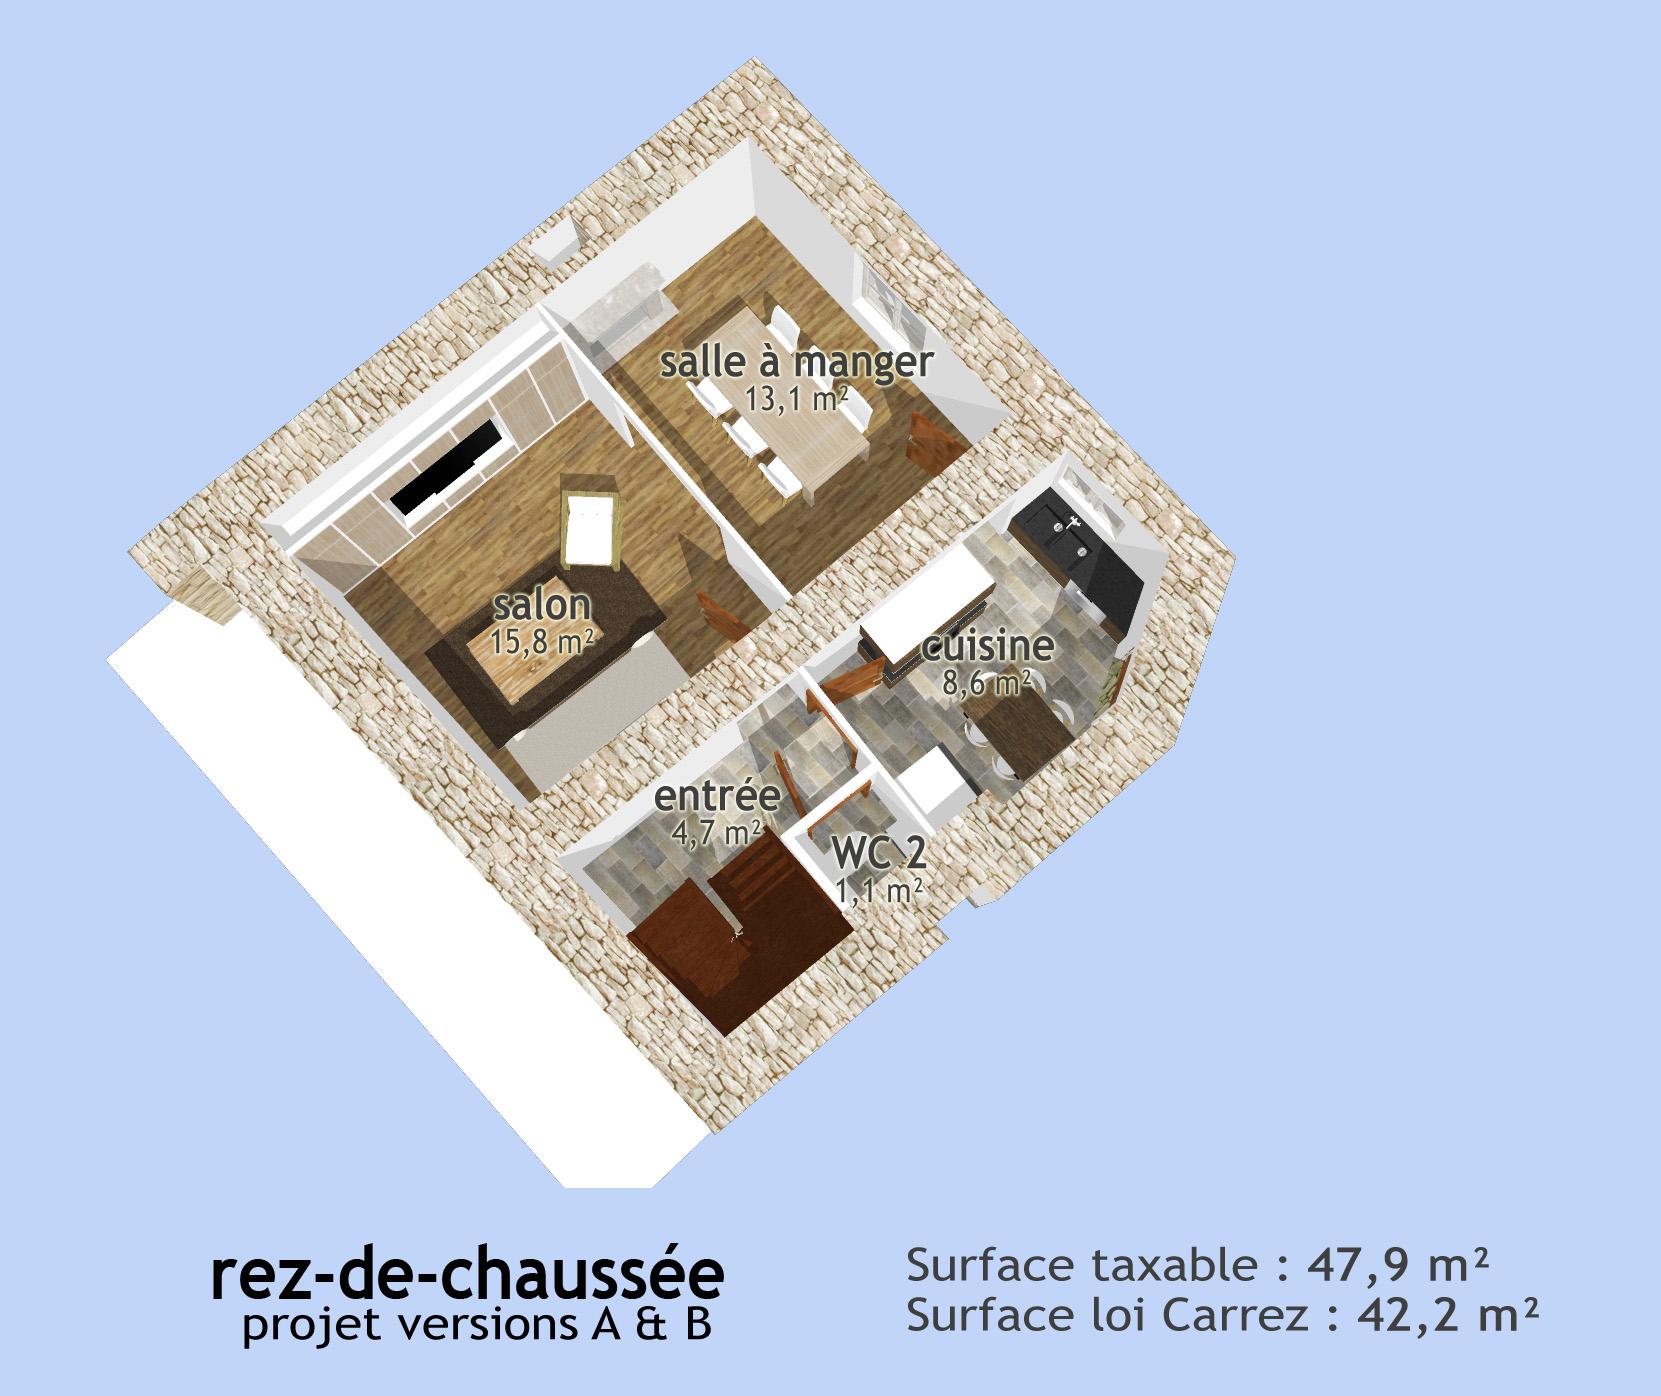 Plan 3D du rez-de-chaussée